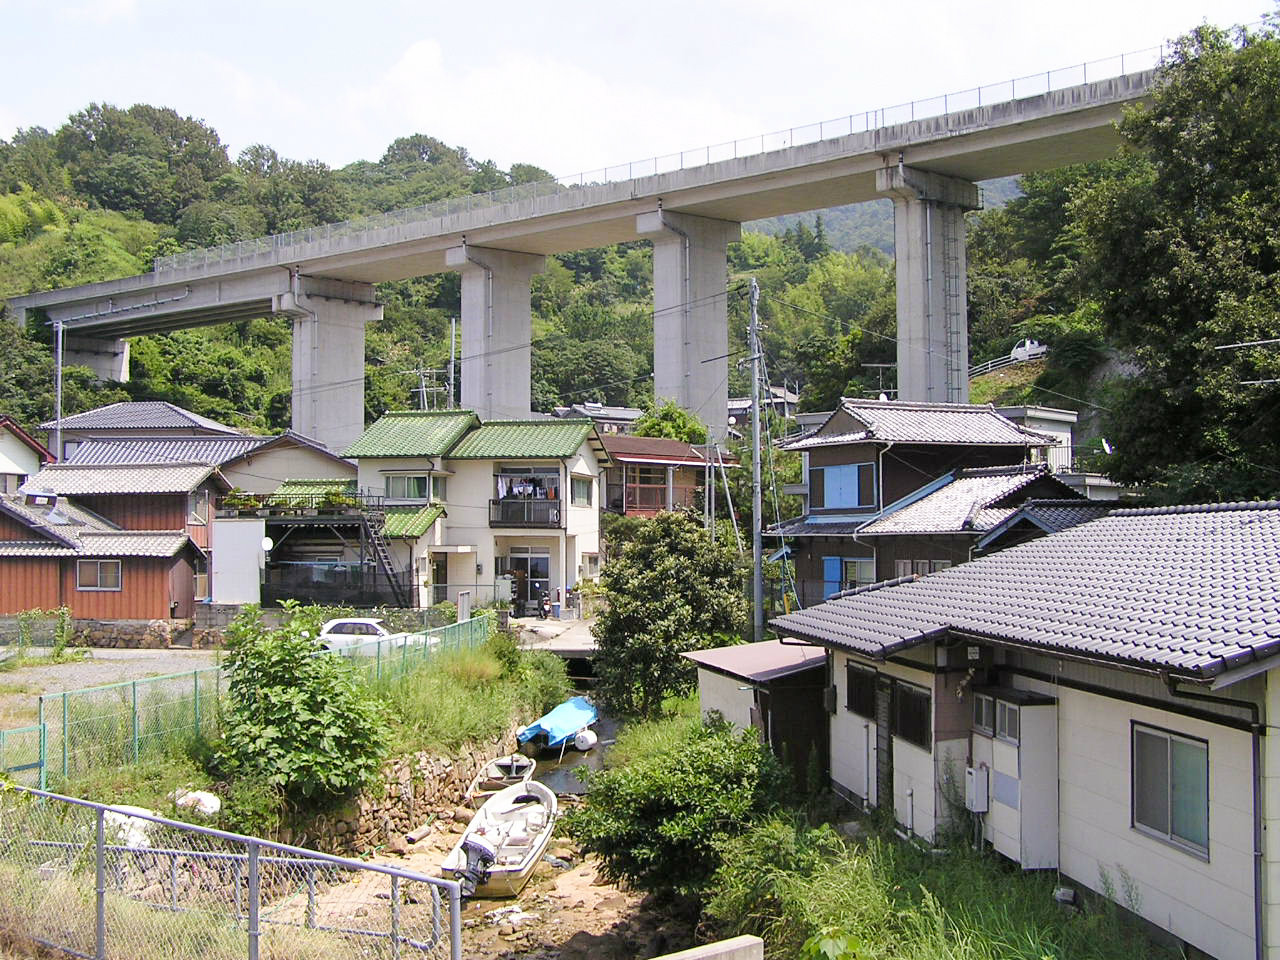 水尻駅周辺